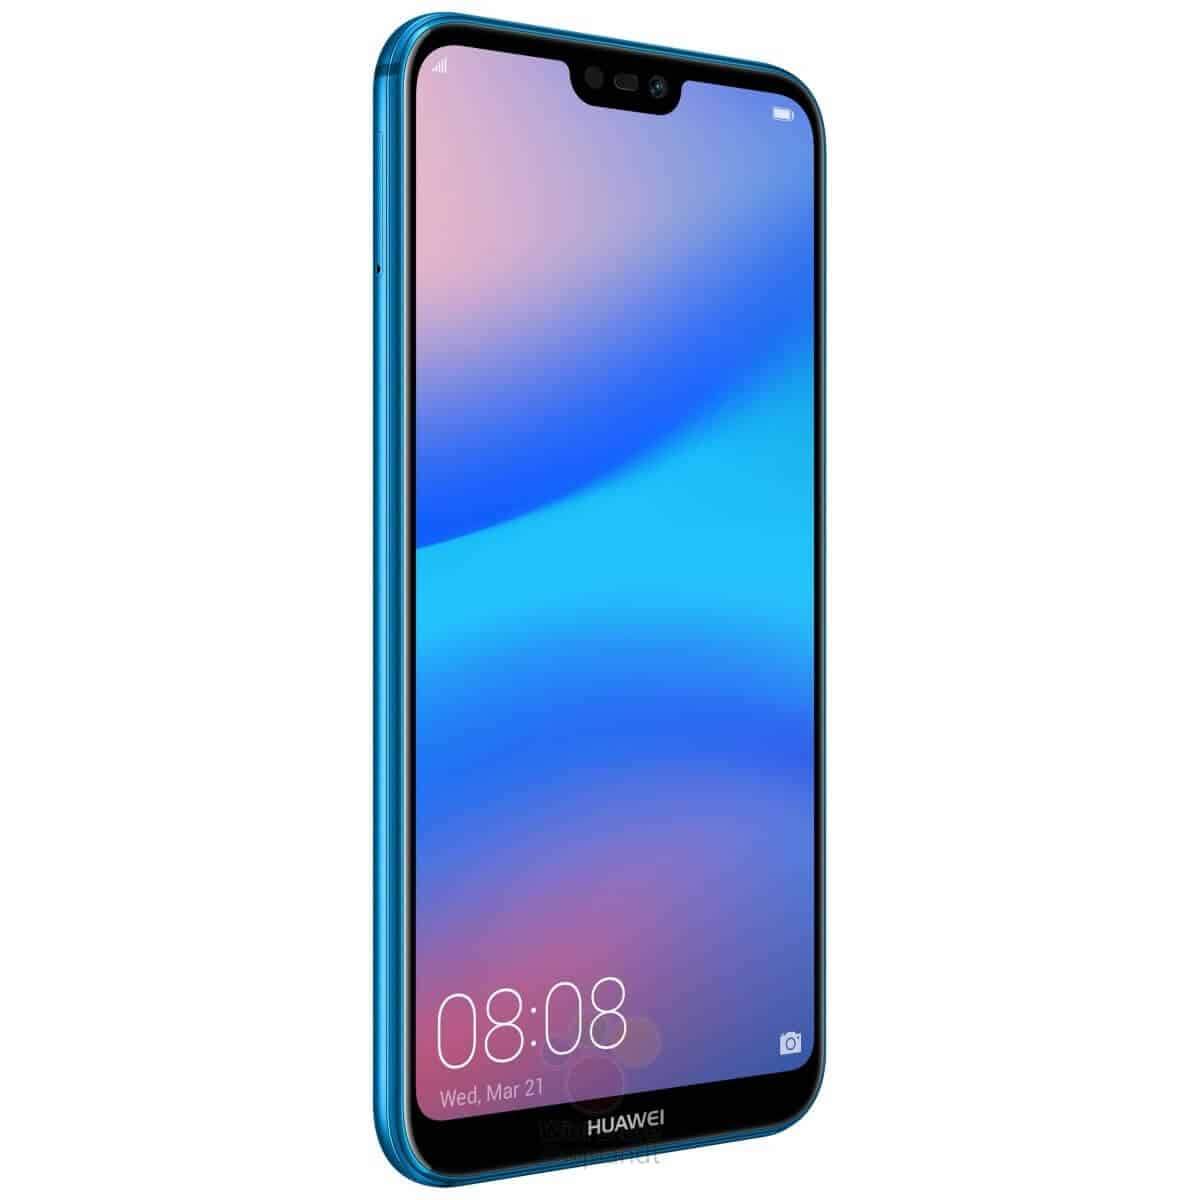 Huawei P20 Lite Press Renders 5